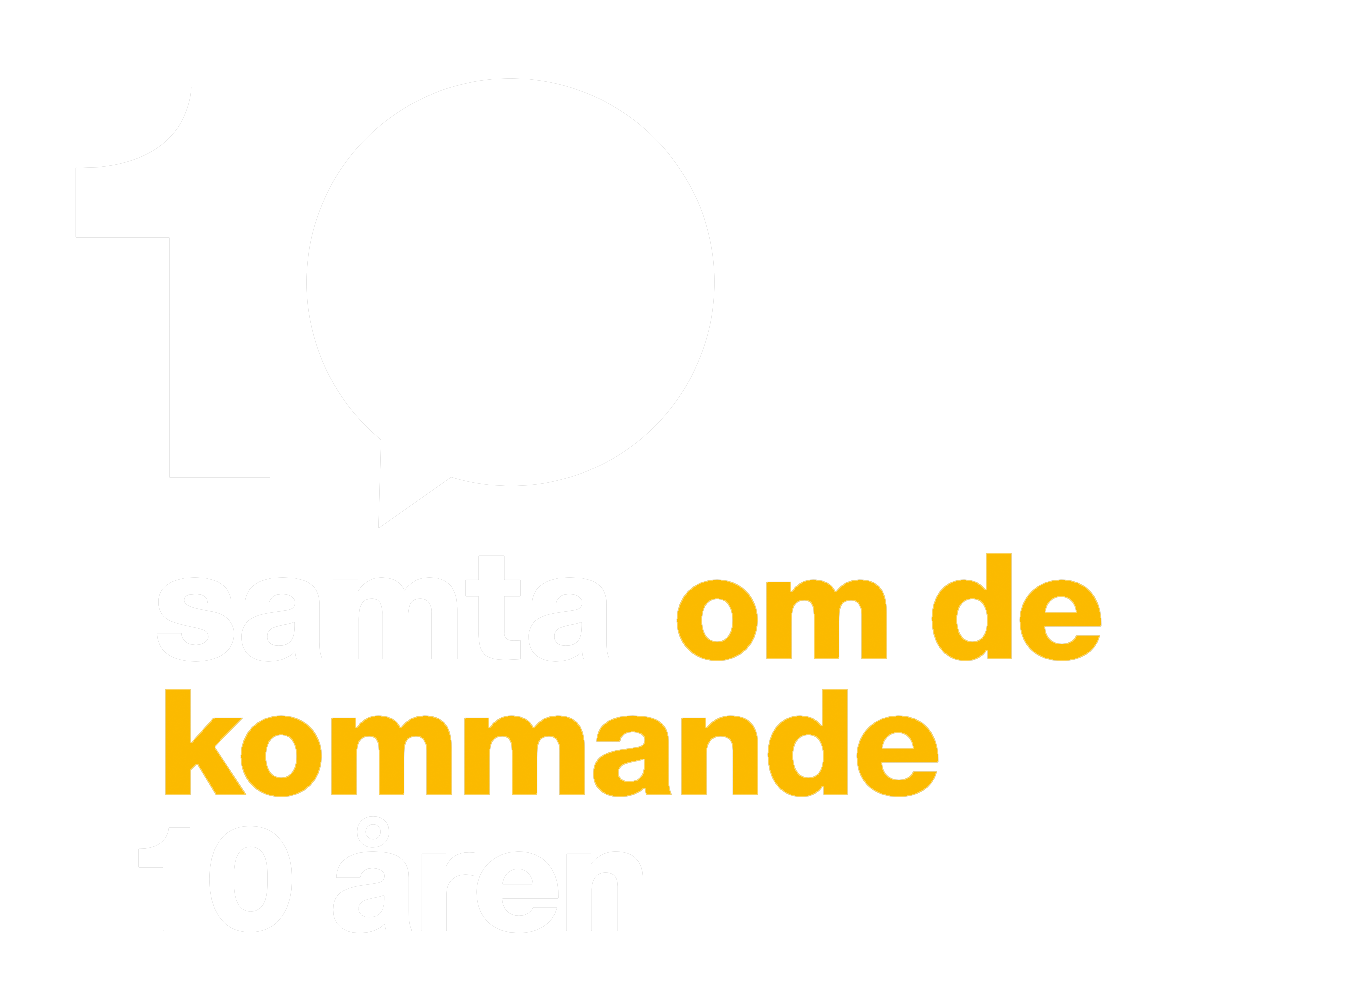 10 Samtal om de kommande 10 åren